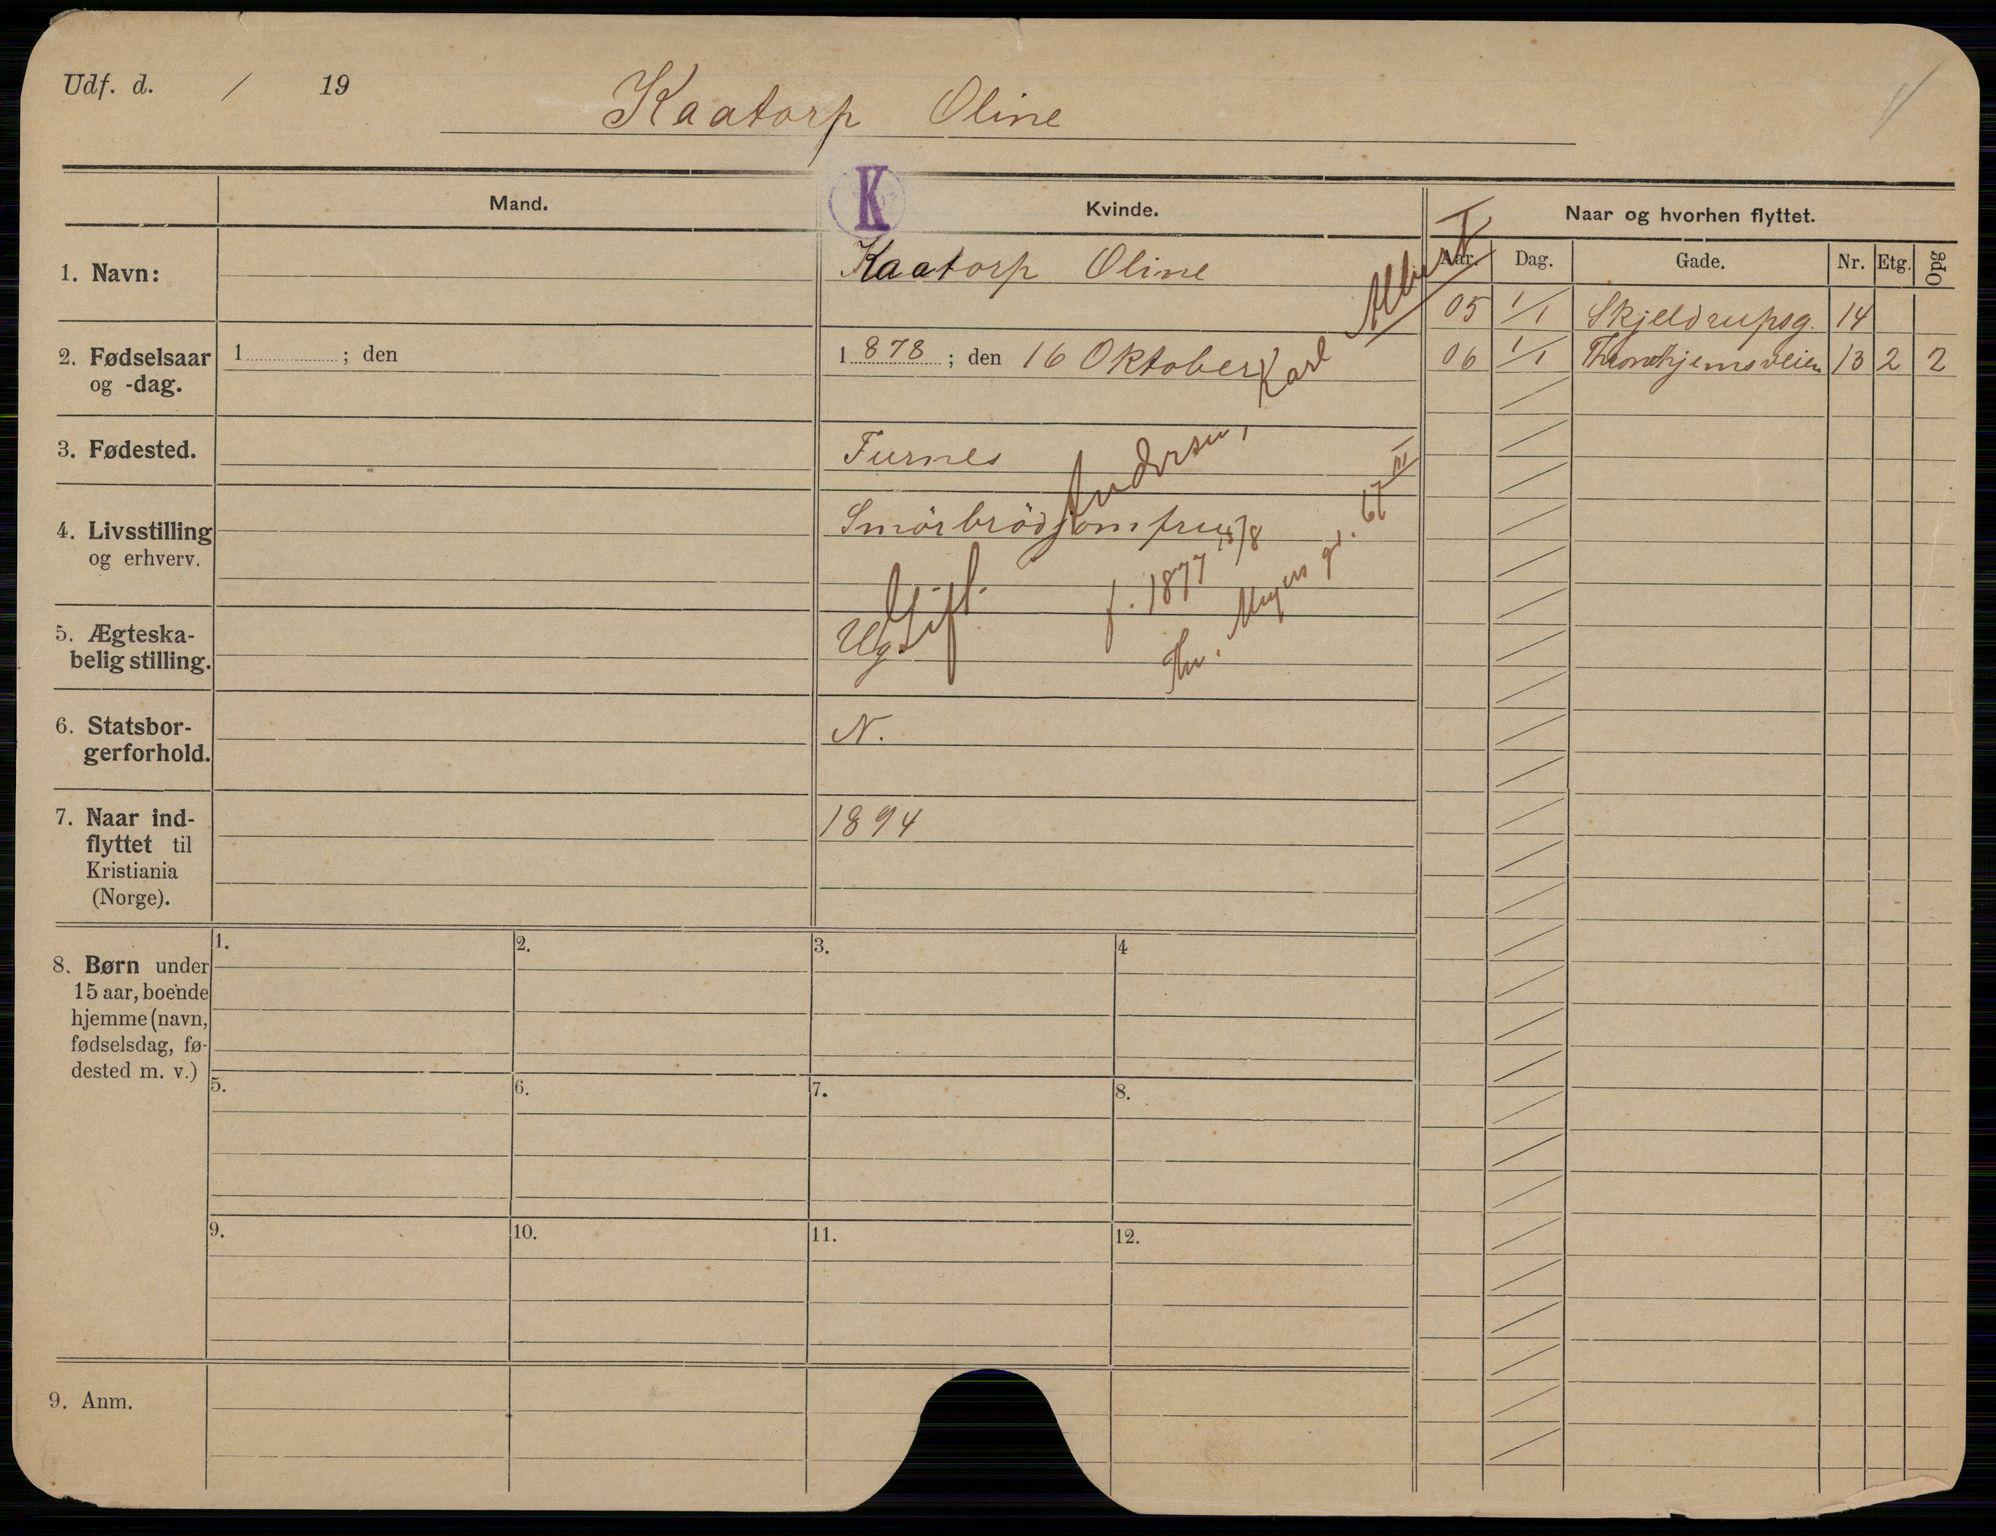 SAO, Oslo folkeregister, Registerkort, K/Kb/L0004: K - Å, 1907